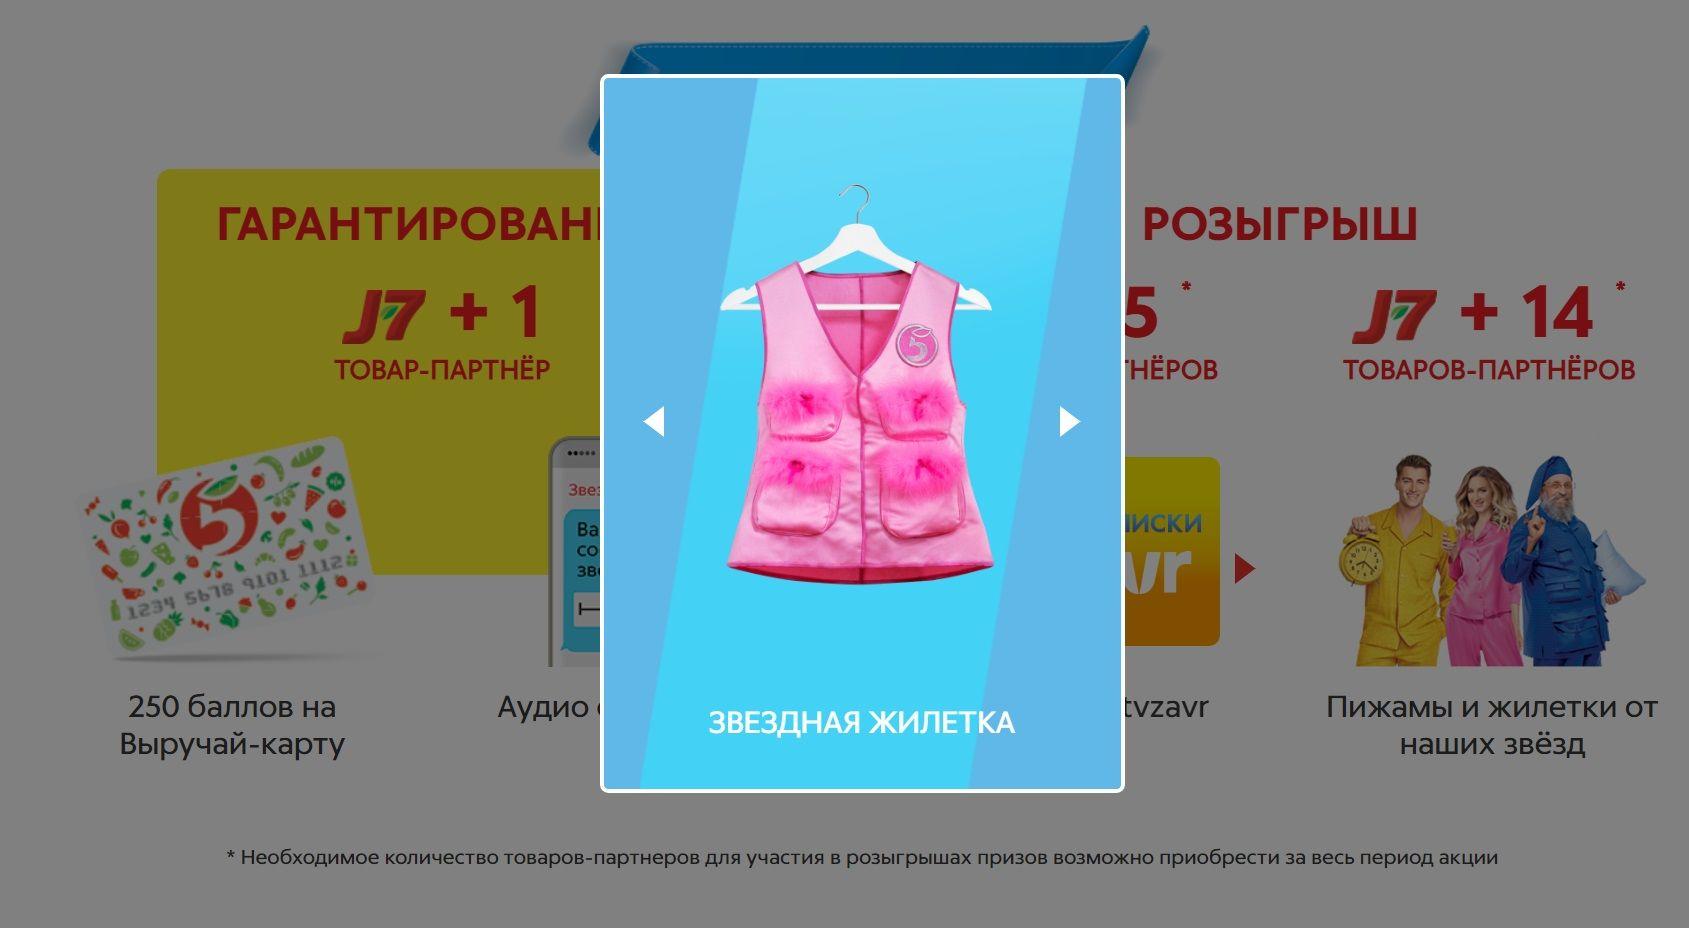 Стильная жилетка от Олечки ©Скриншот с сайта 5ka.pepsico.zavtrak2020.ru